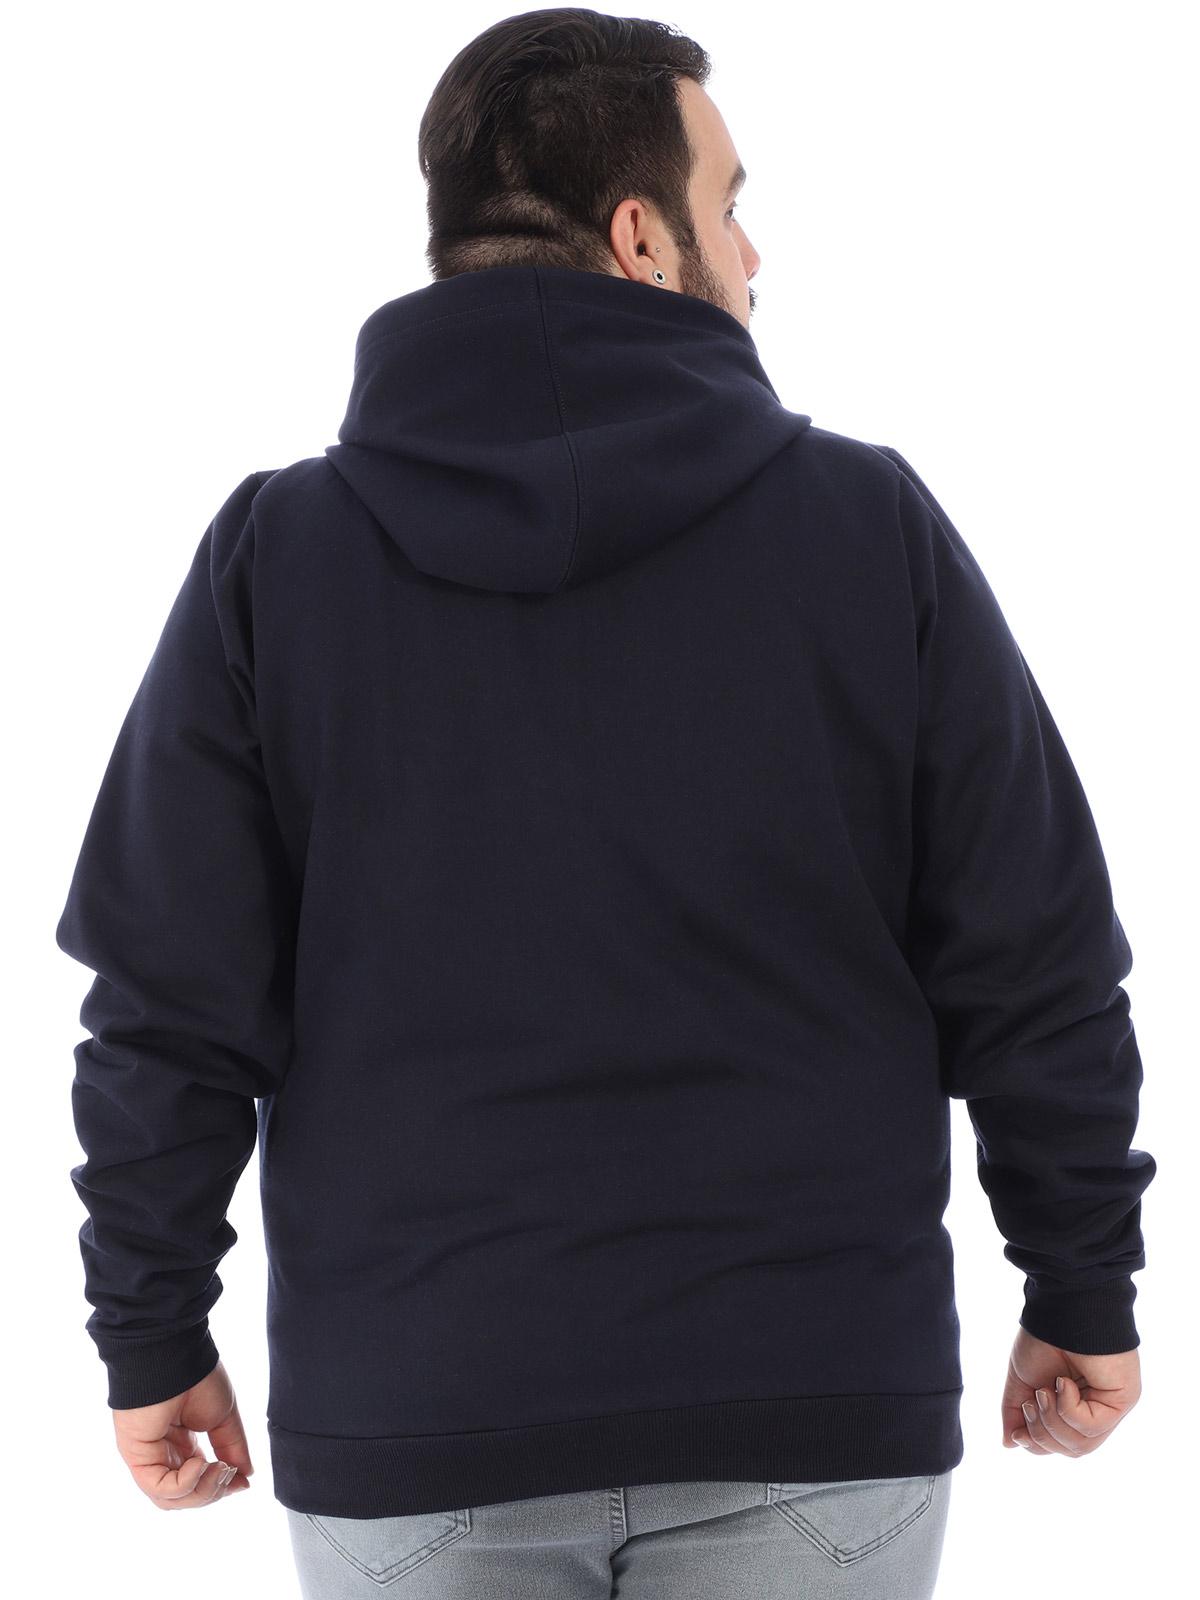 Jaqueta Plus Size Masculino Moletom Flanelado Capuz Marinho